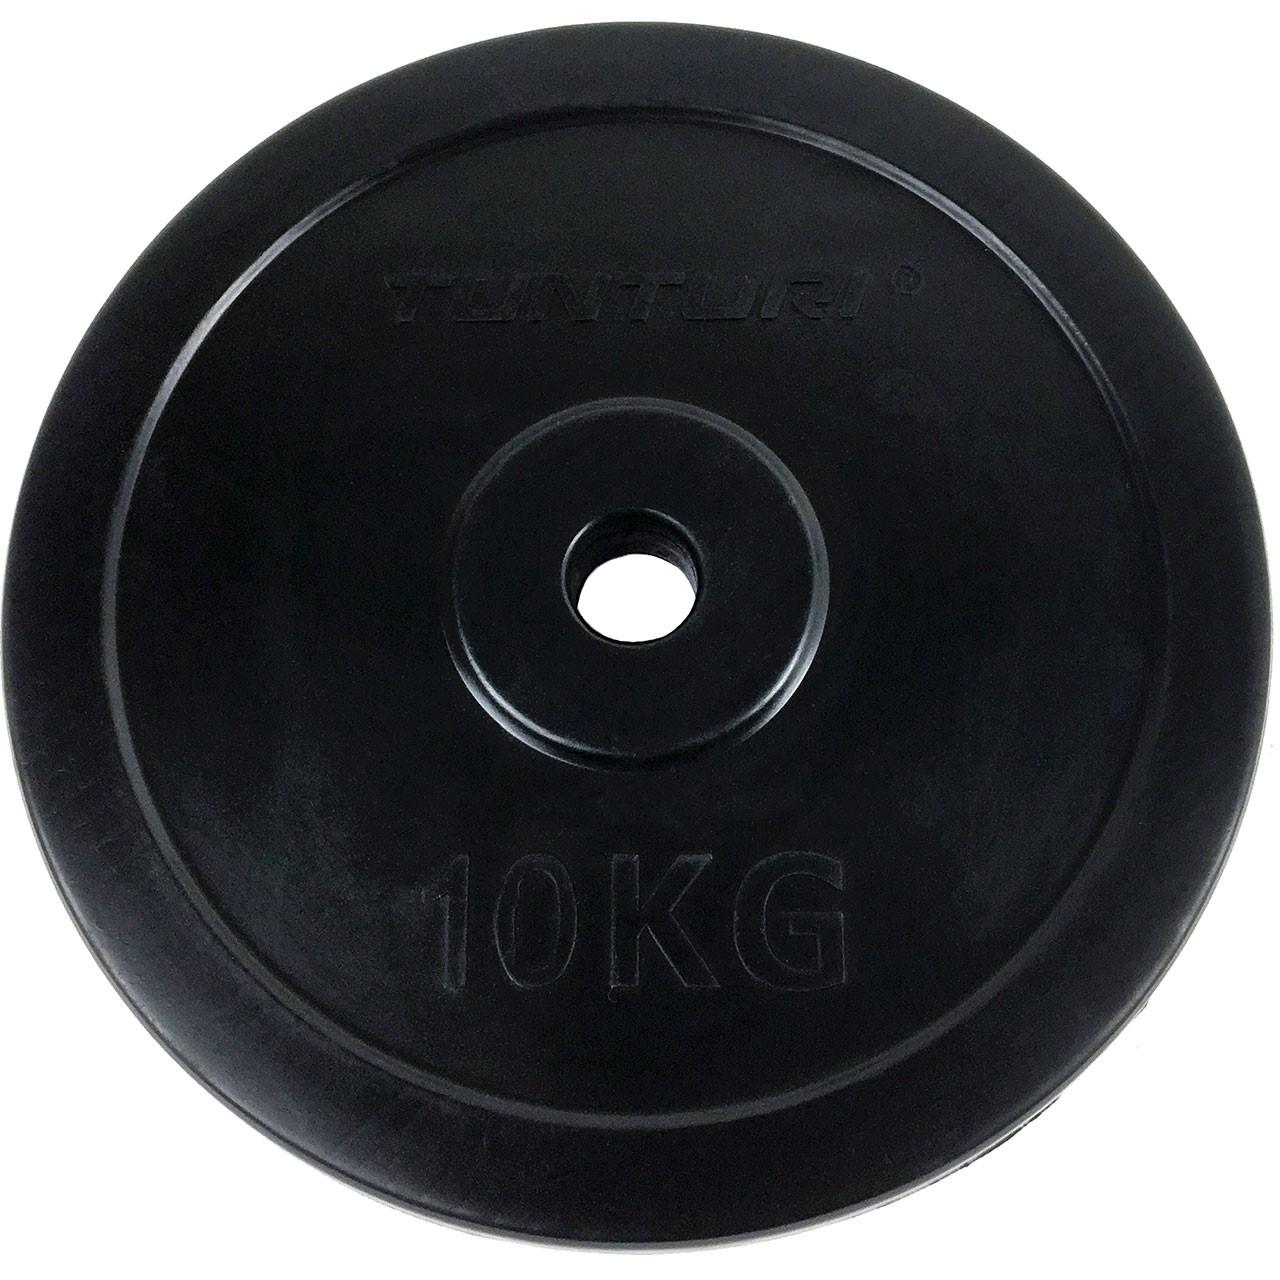 Kotouč pogumovaný TUNTURI 10 kg / 30 mm